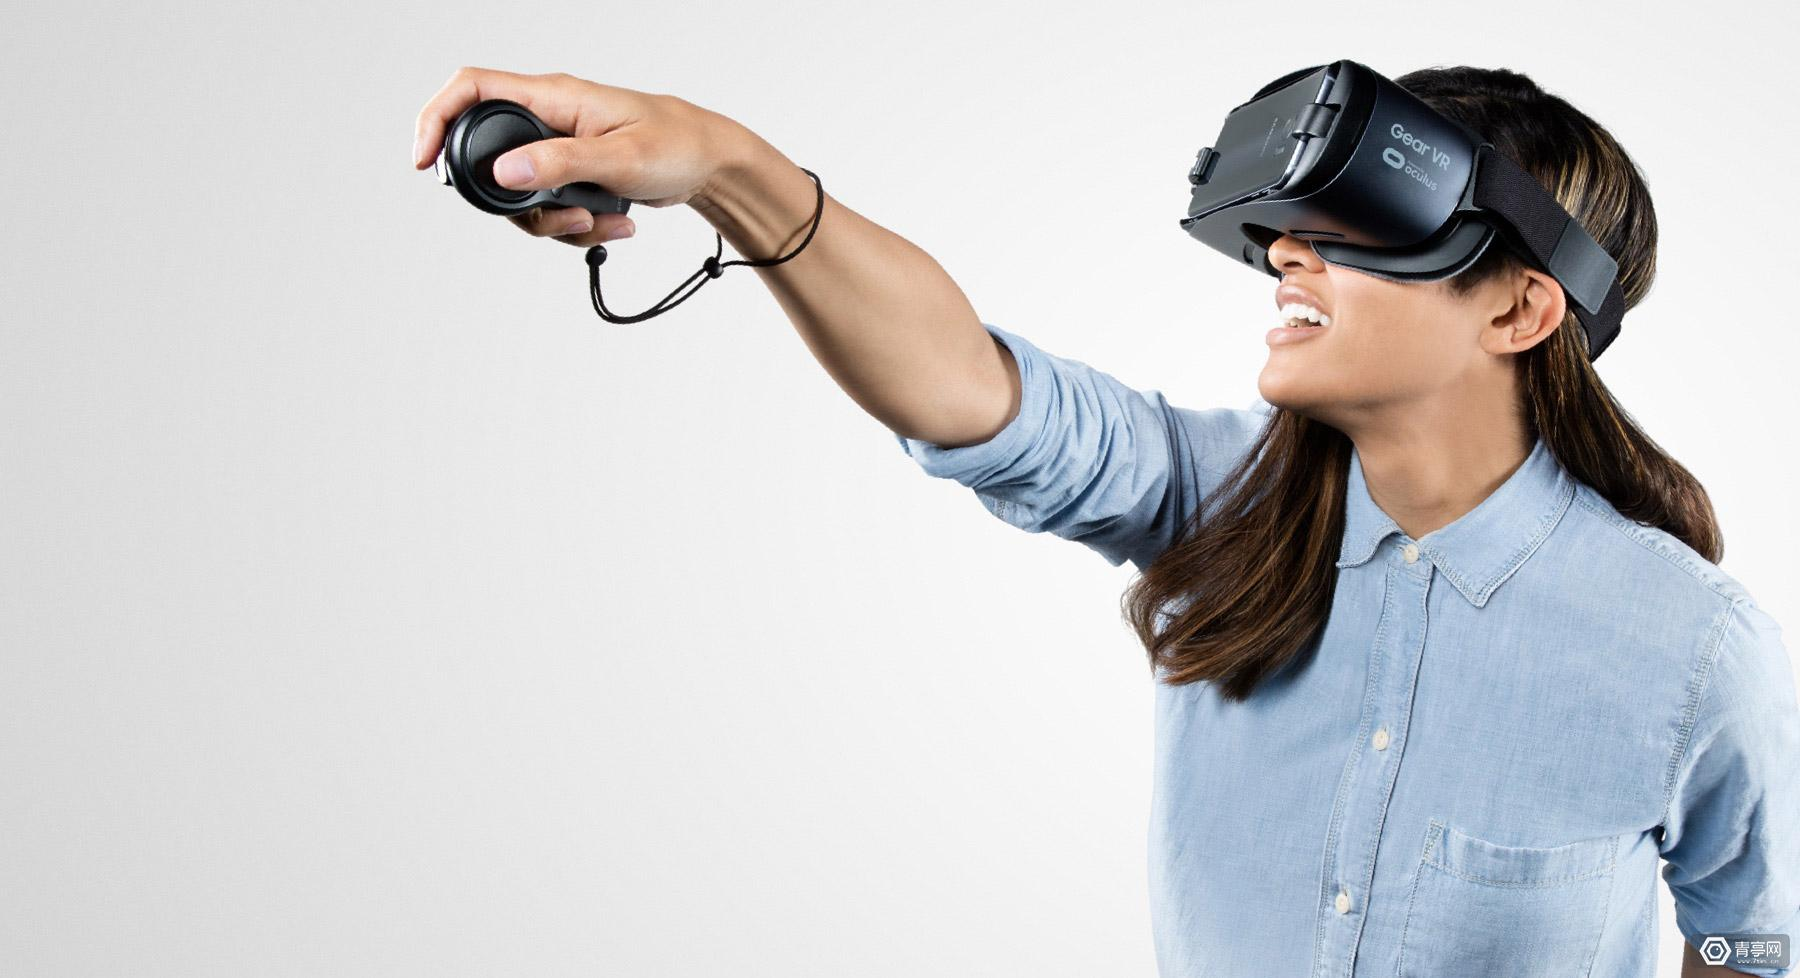 小派科技创始人翁志彬:为什么说VR寒冬是个伪命题